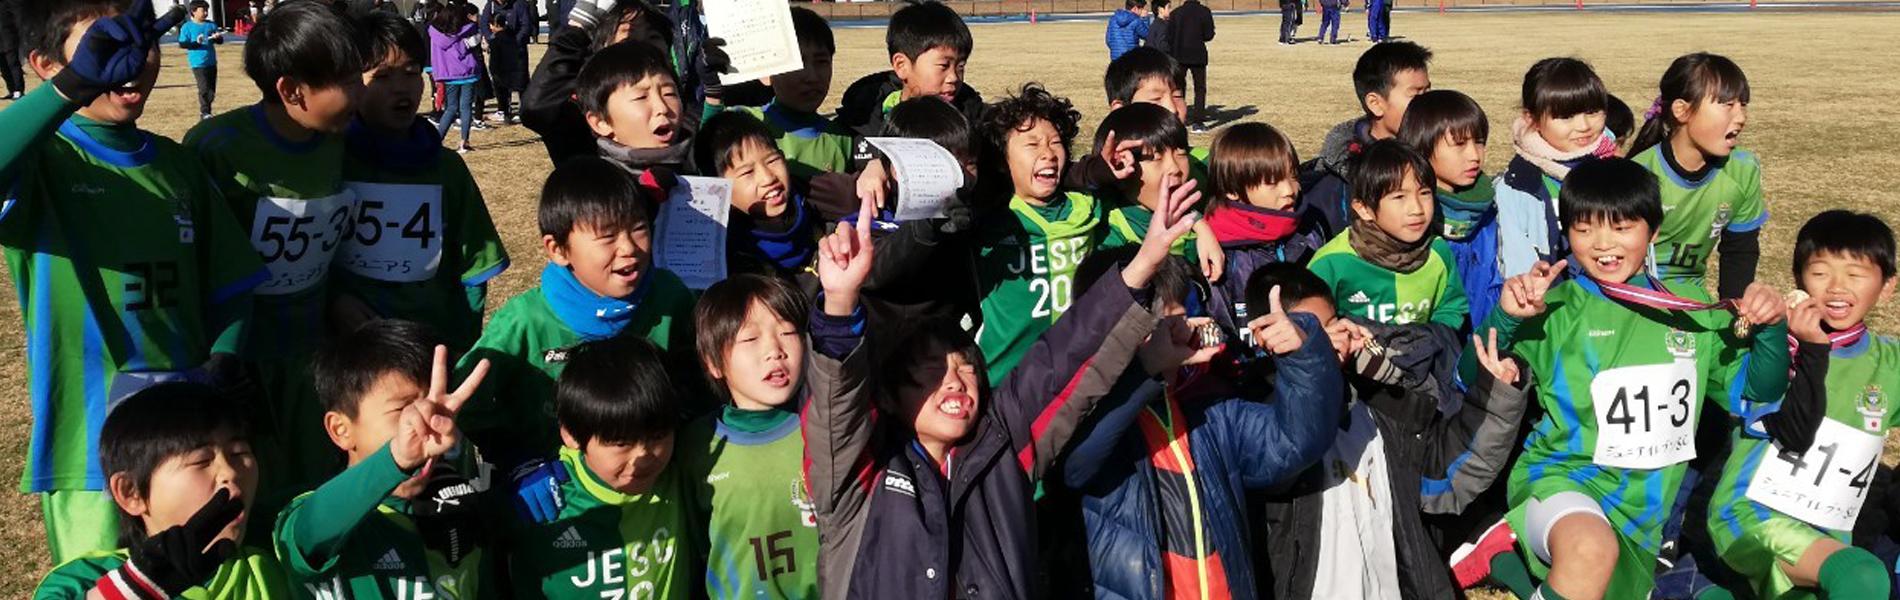 海老名 幼稚園 サッカー